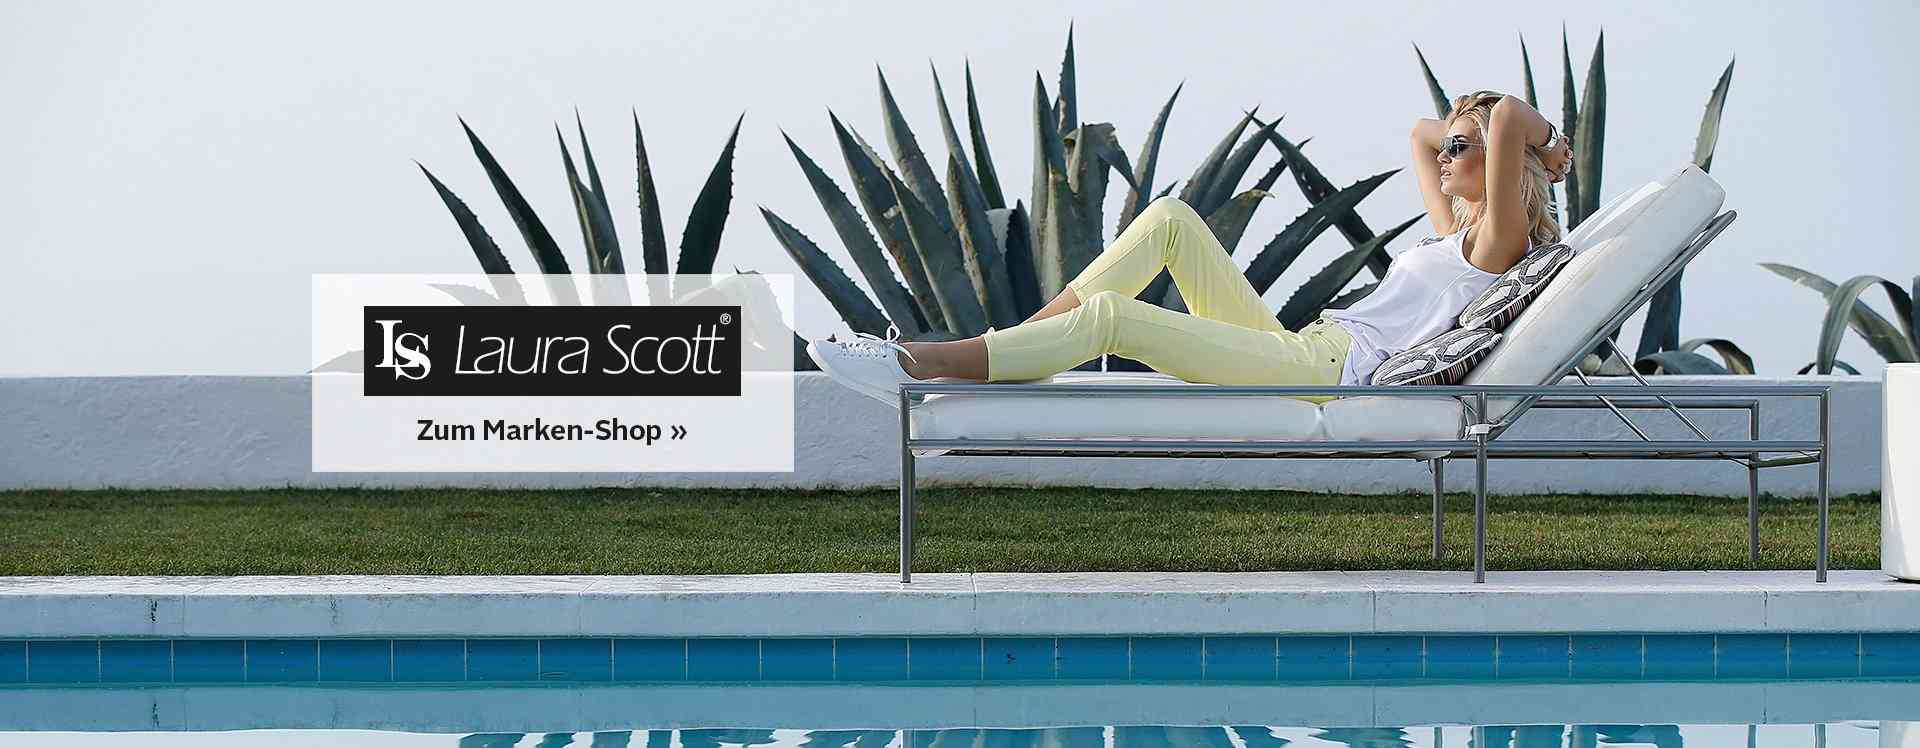 Laura Scott Mode – für einen modisch femininen Stil